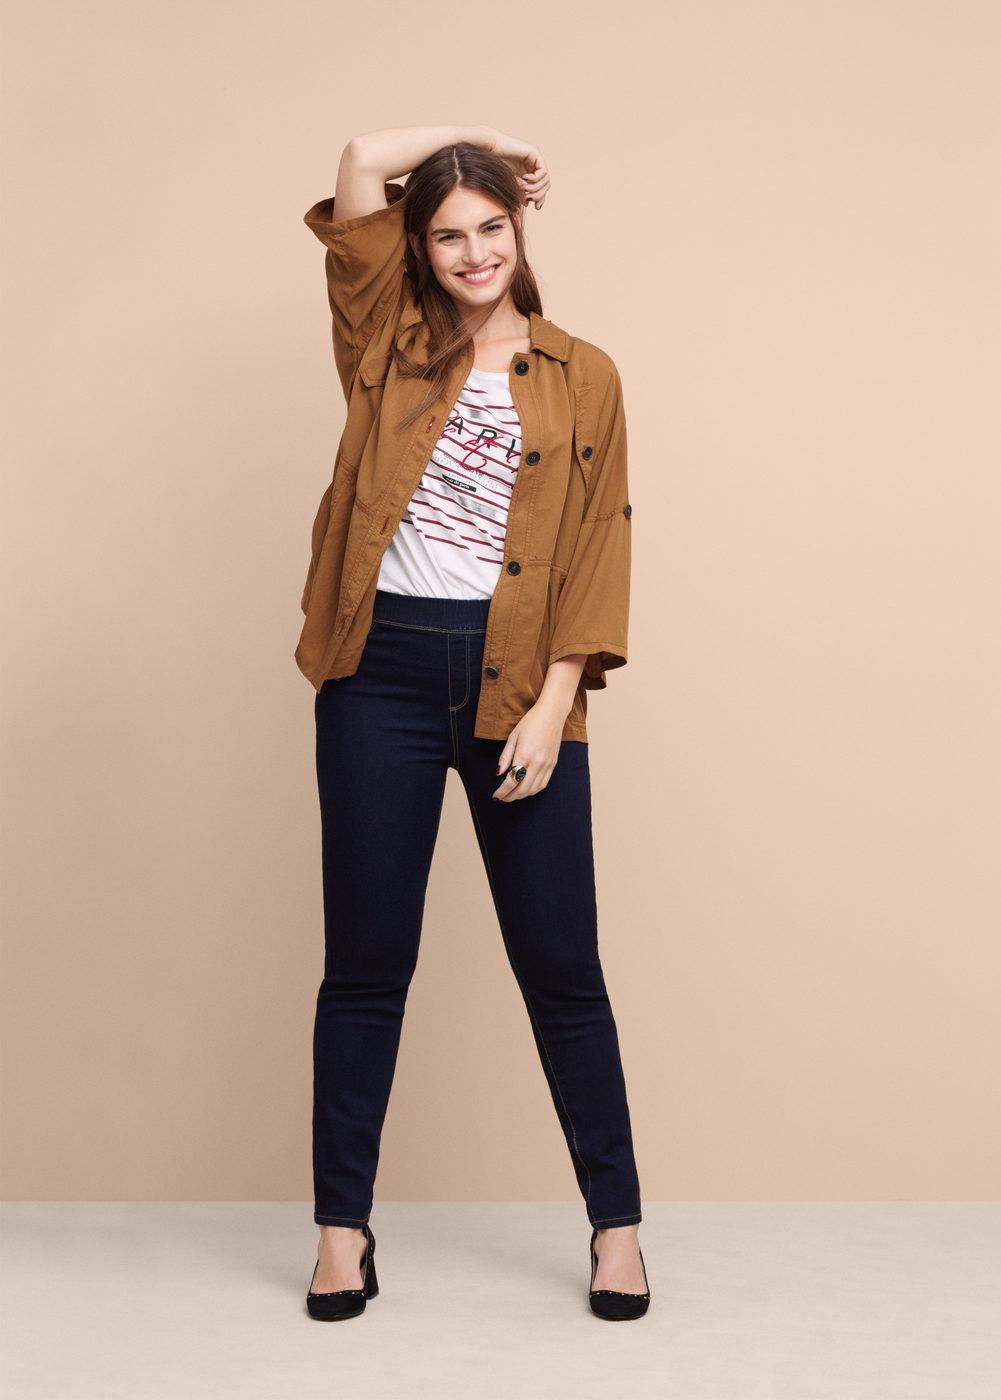 pantaloni vita alta per sembrare più alta